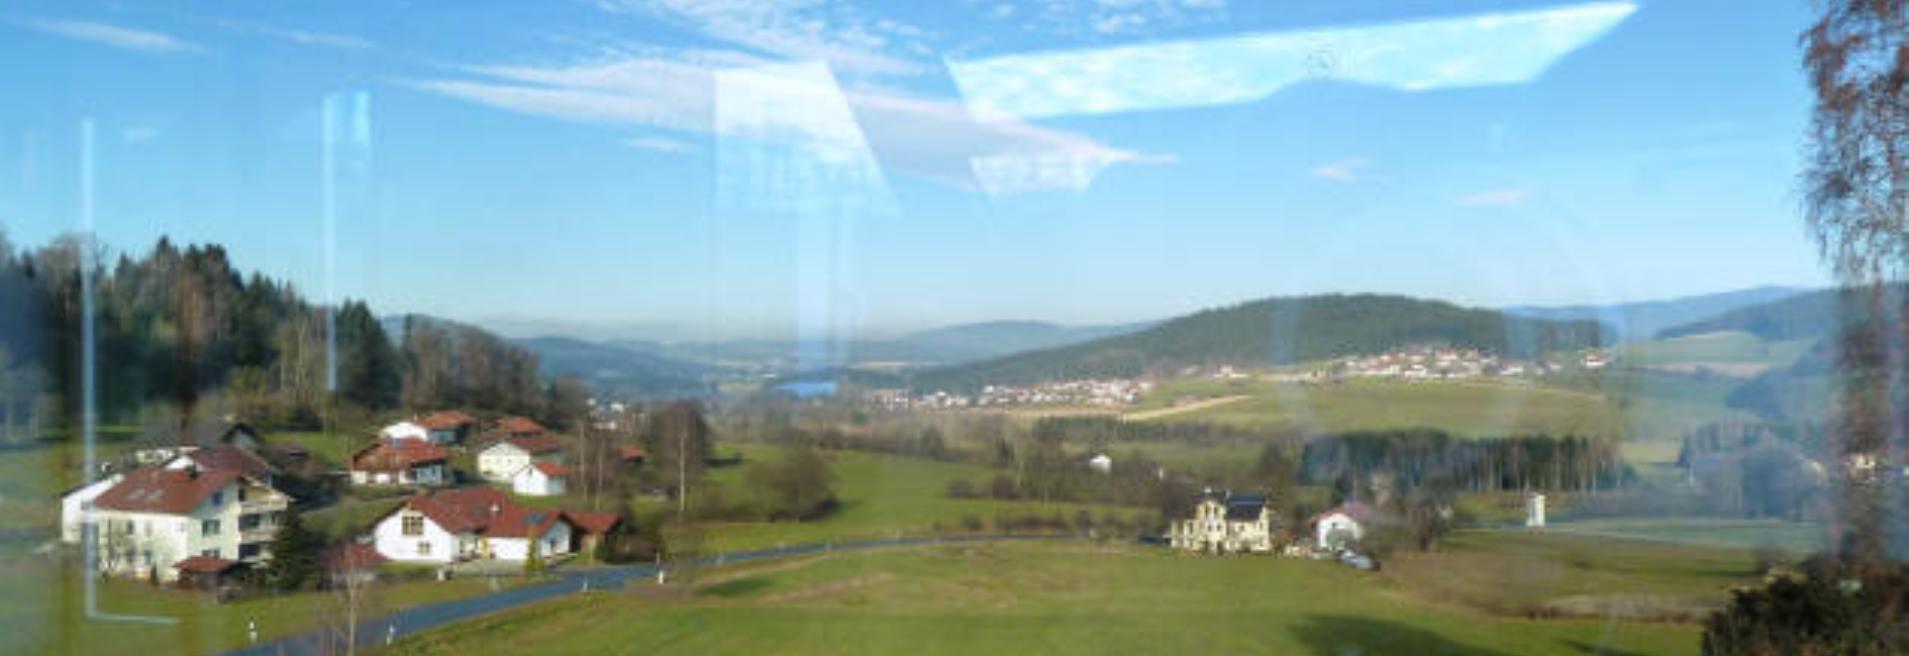 Fotos aus dem Zug nach Bischofsmais. Es muß nicht immer das Auto sein um eine Ferienwohnung Bischofsmais zu erreichen.